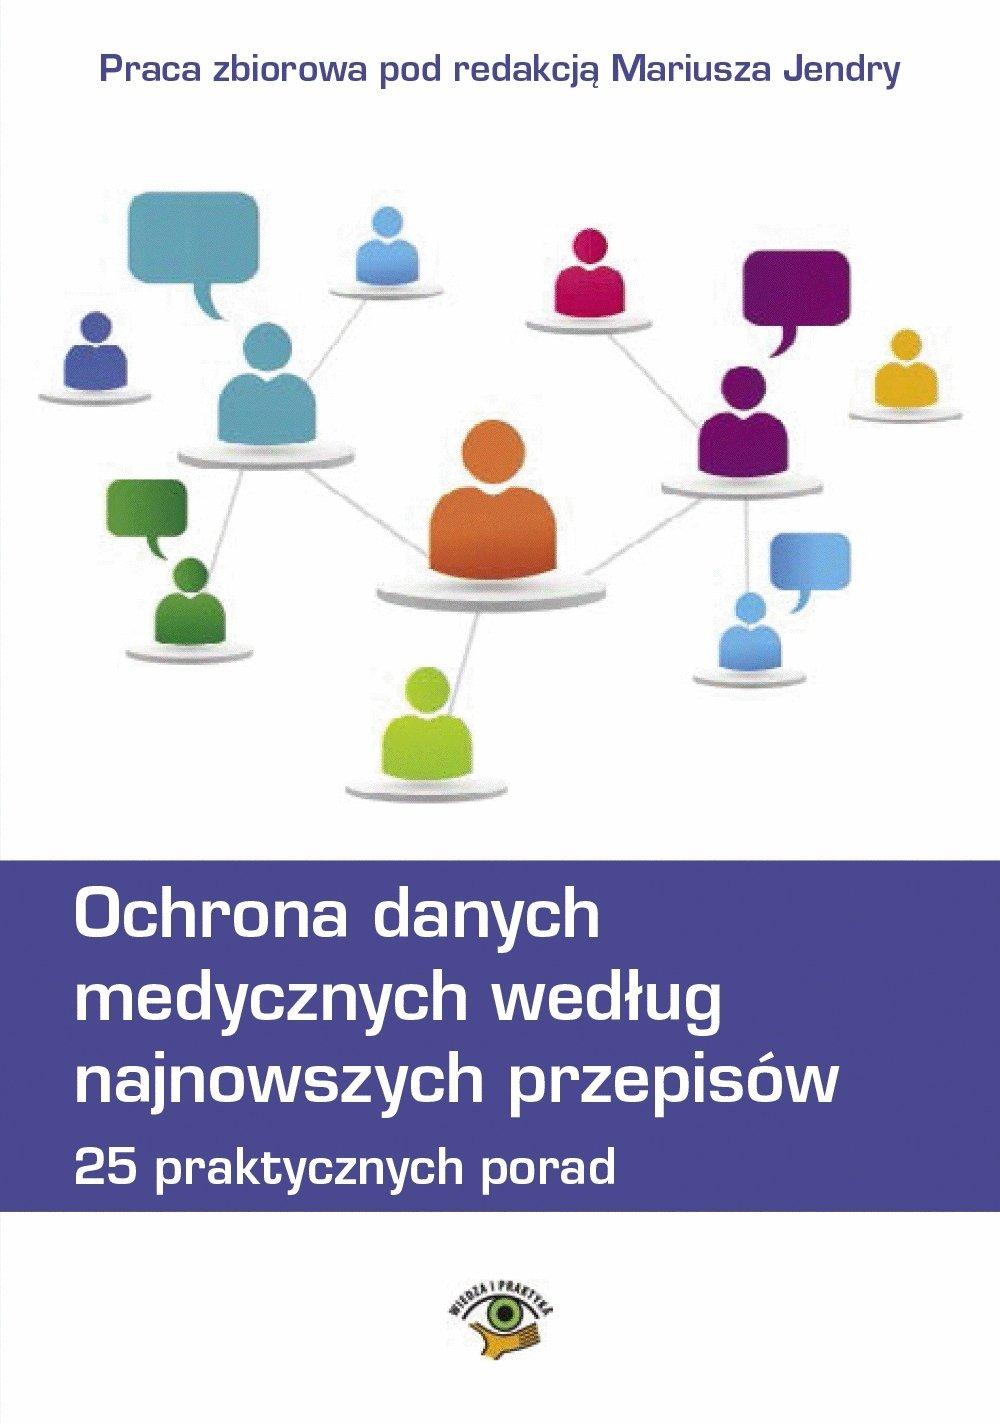 Ochrona danych medycznych według najnowszych przepisów. 25 praktycznych porad. - Ebook (Książka EPUB) do pobrania w formacie EPUB